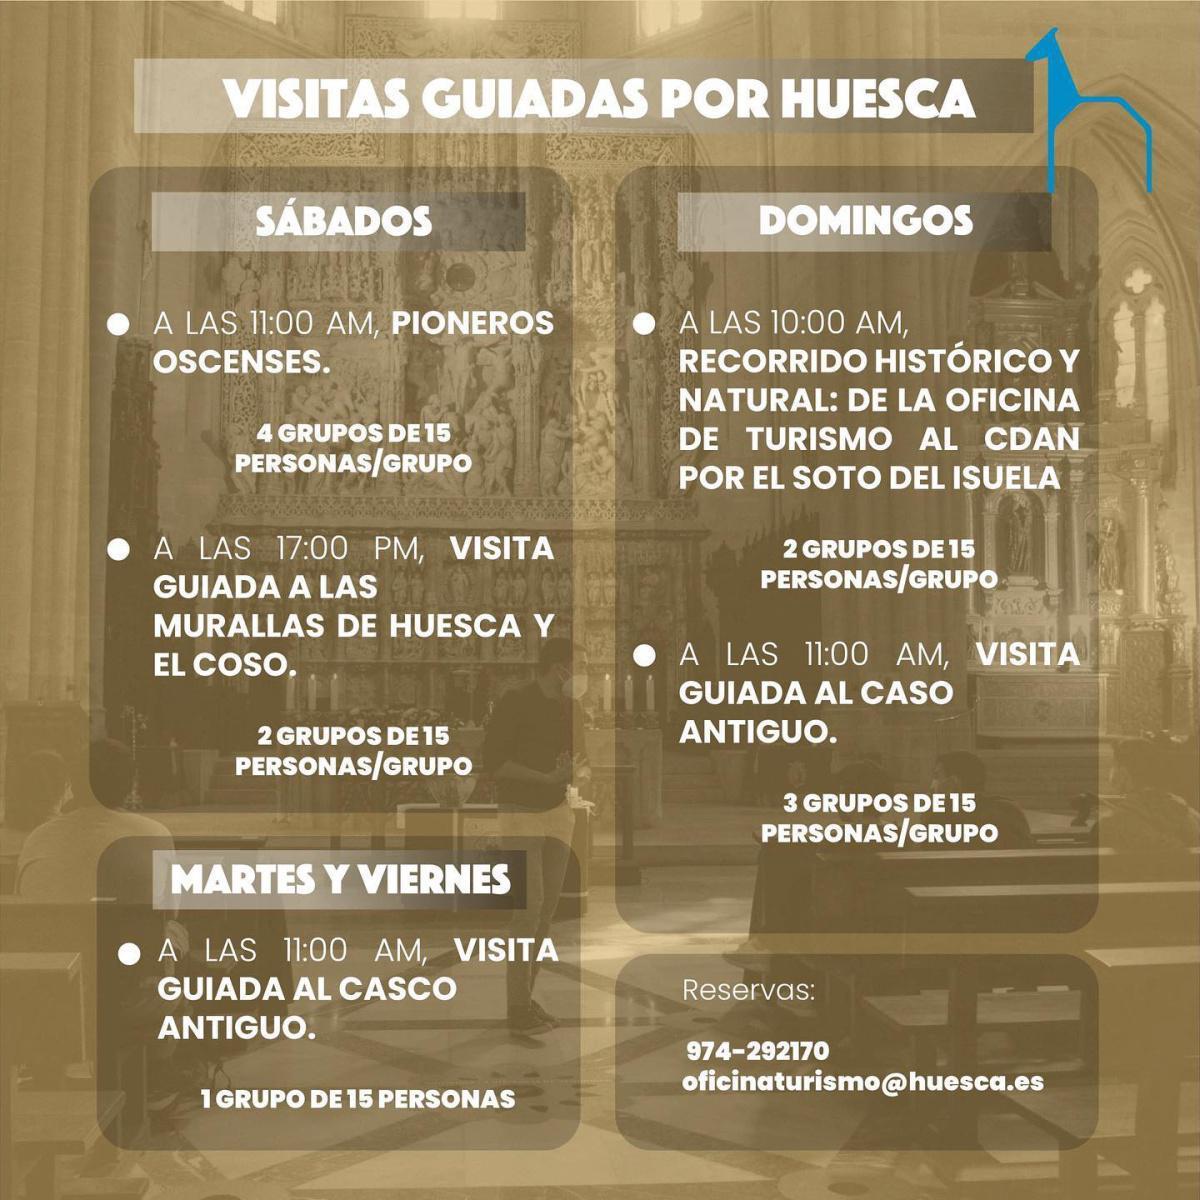 Visitas guiadas en la ciudad de Huesca